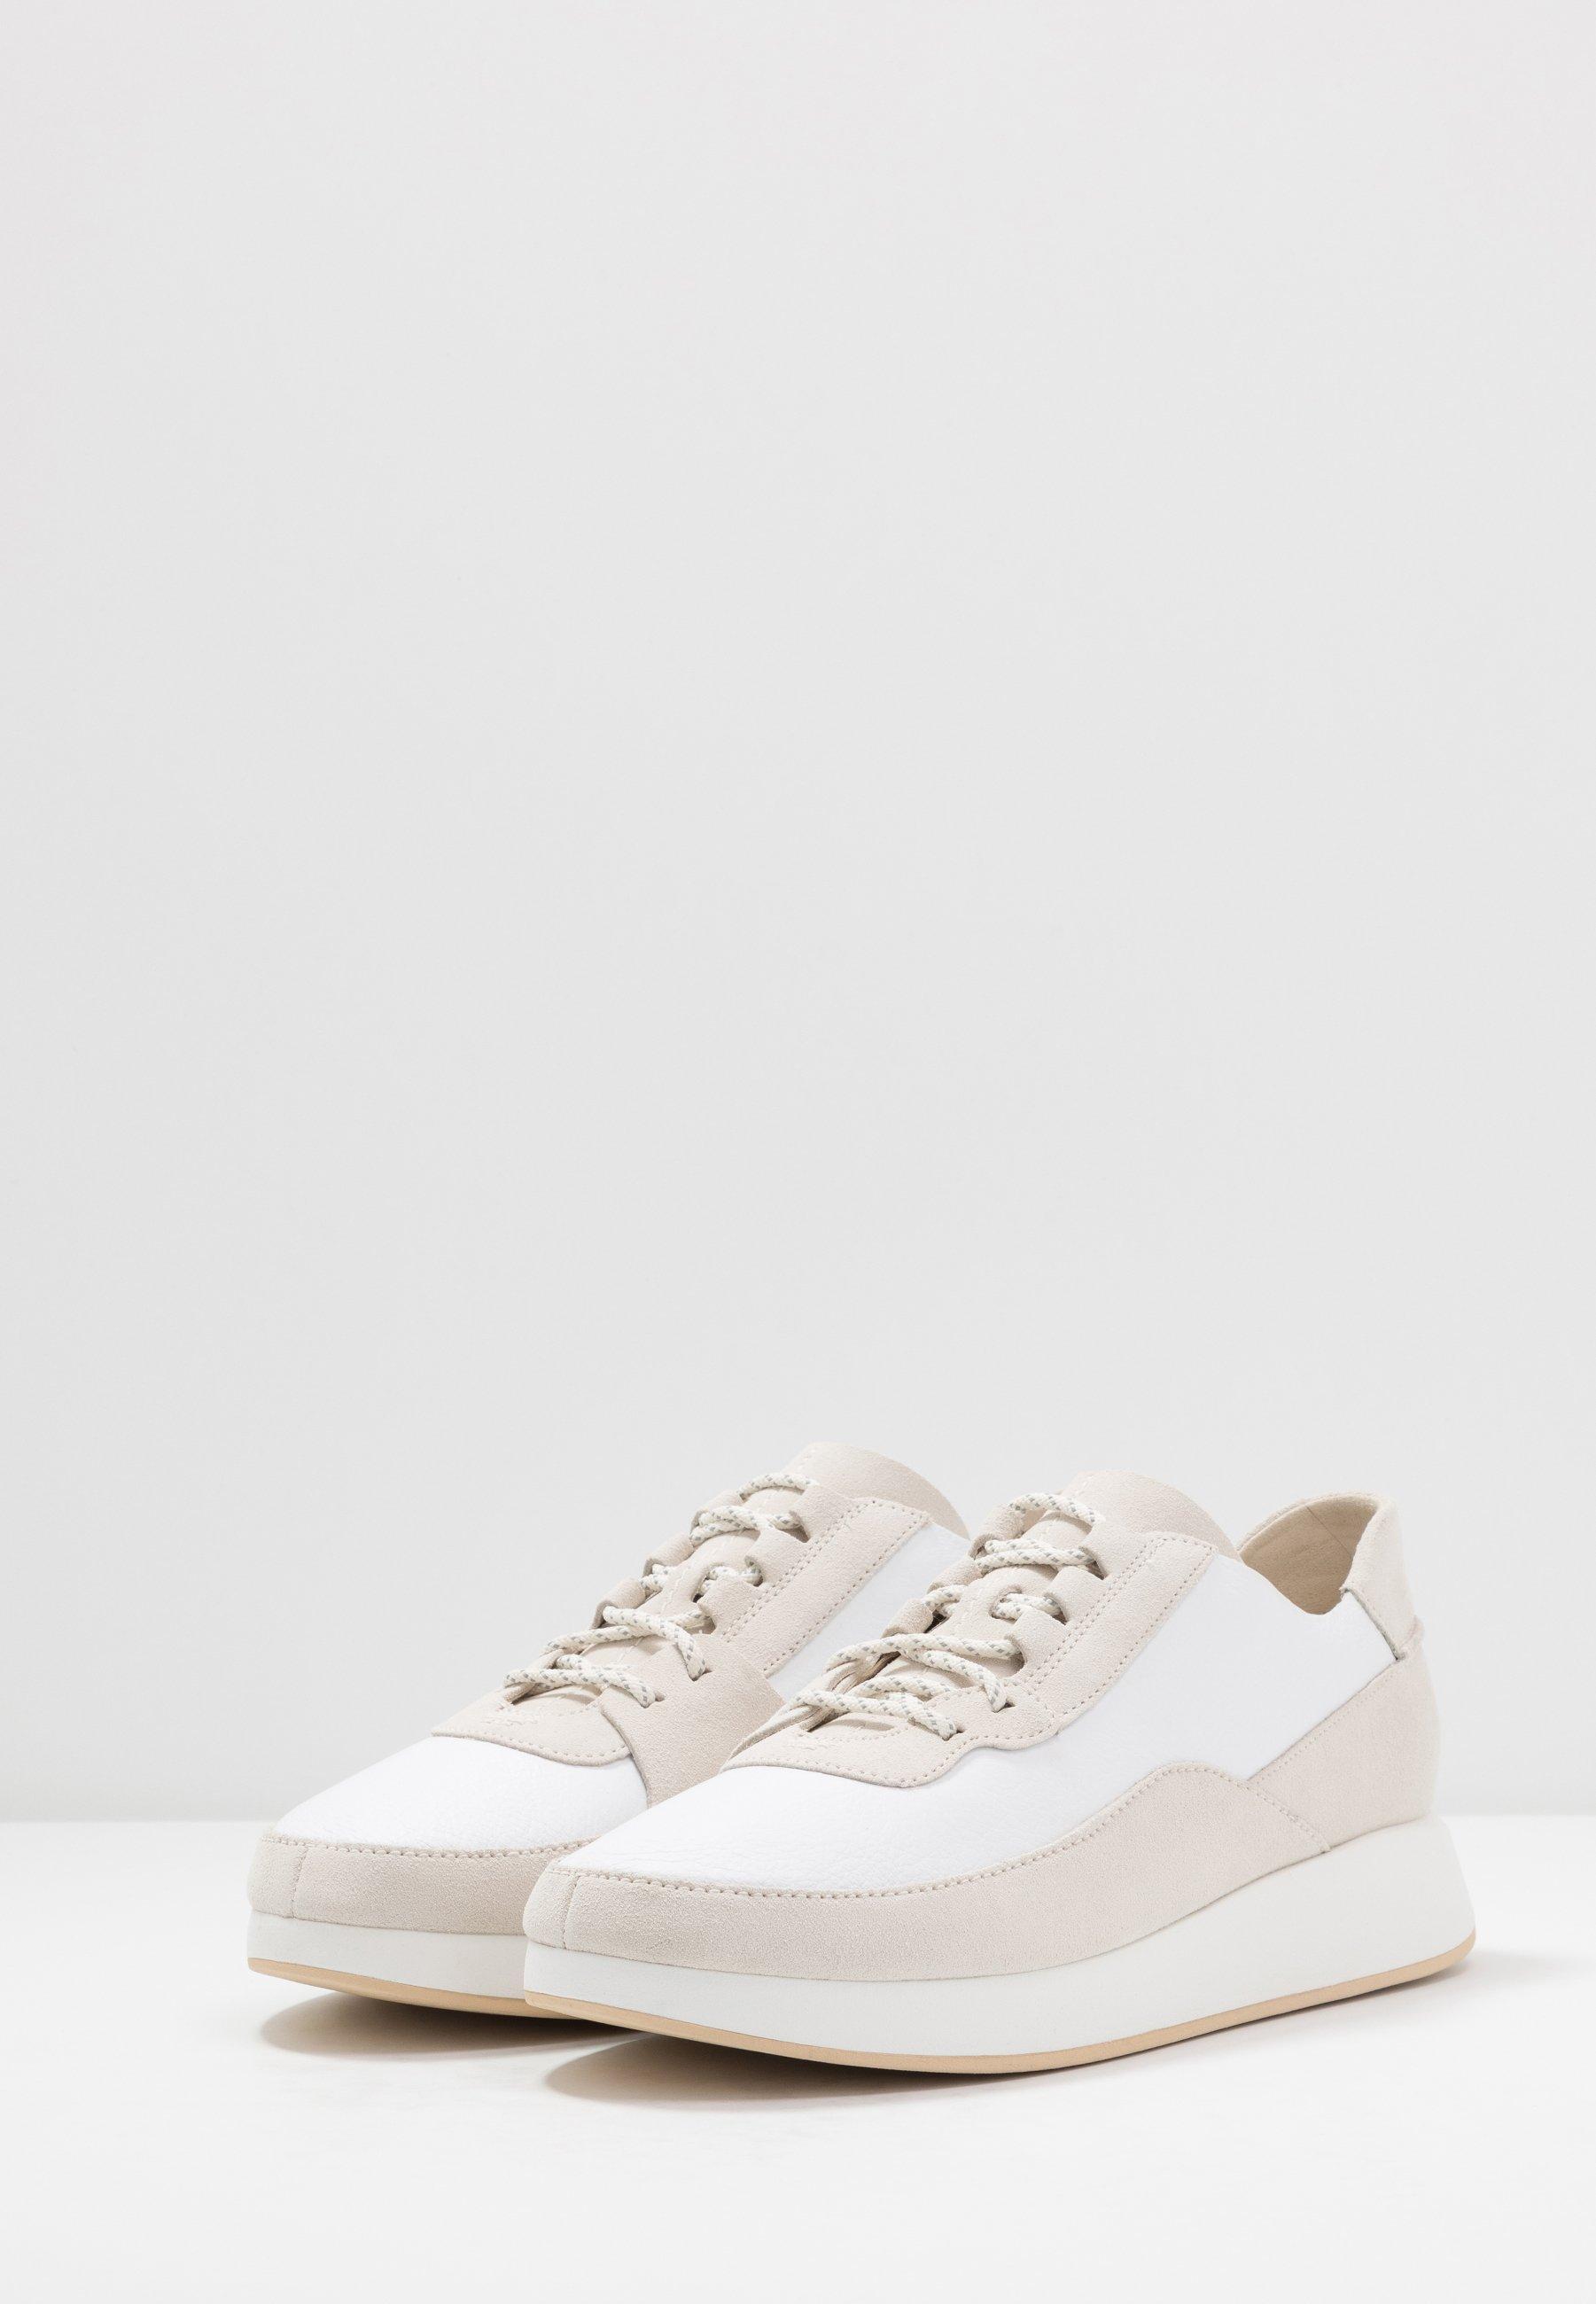 Clarks Originals KIOWA PACE - Sneakers - white